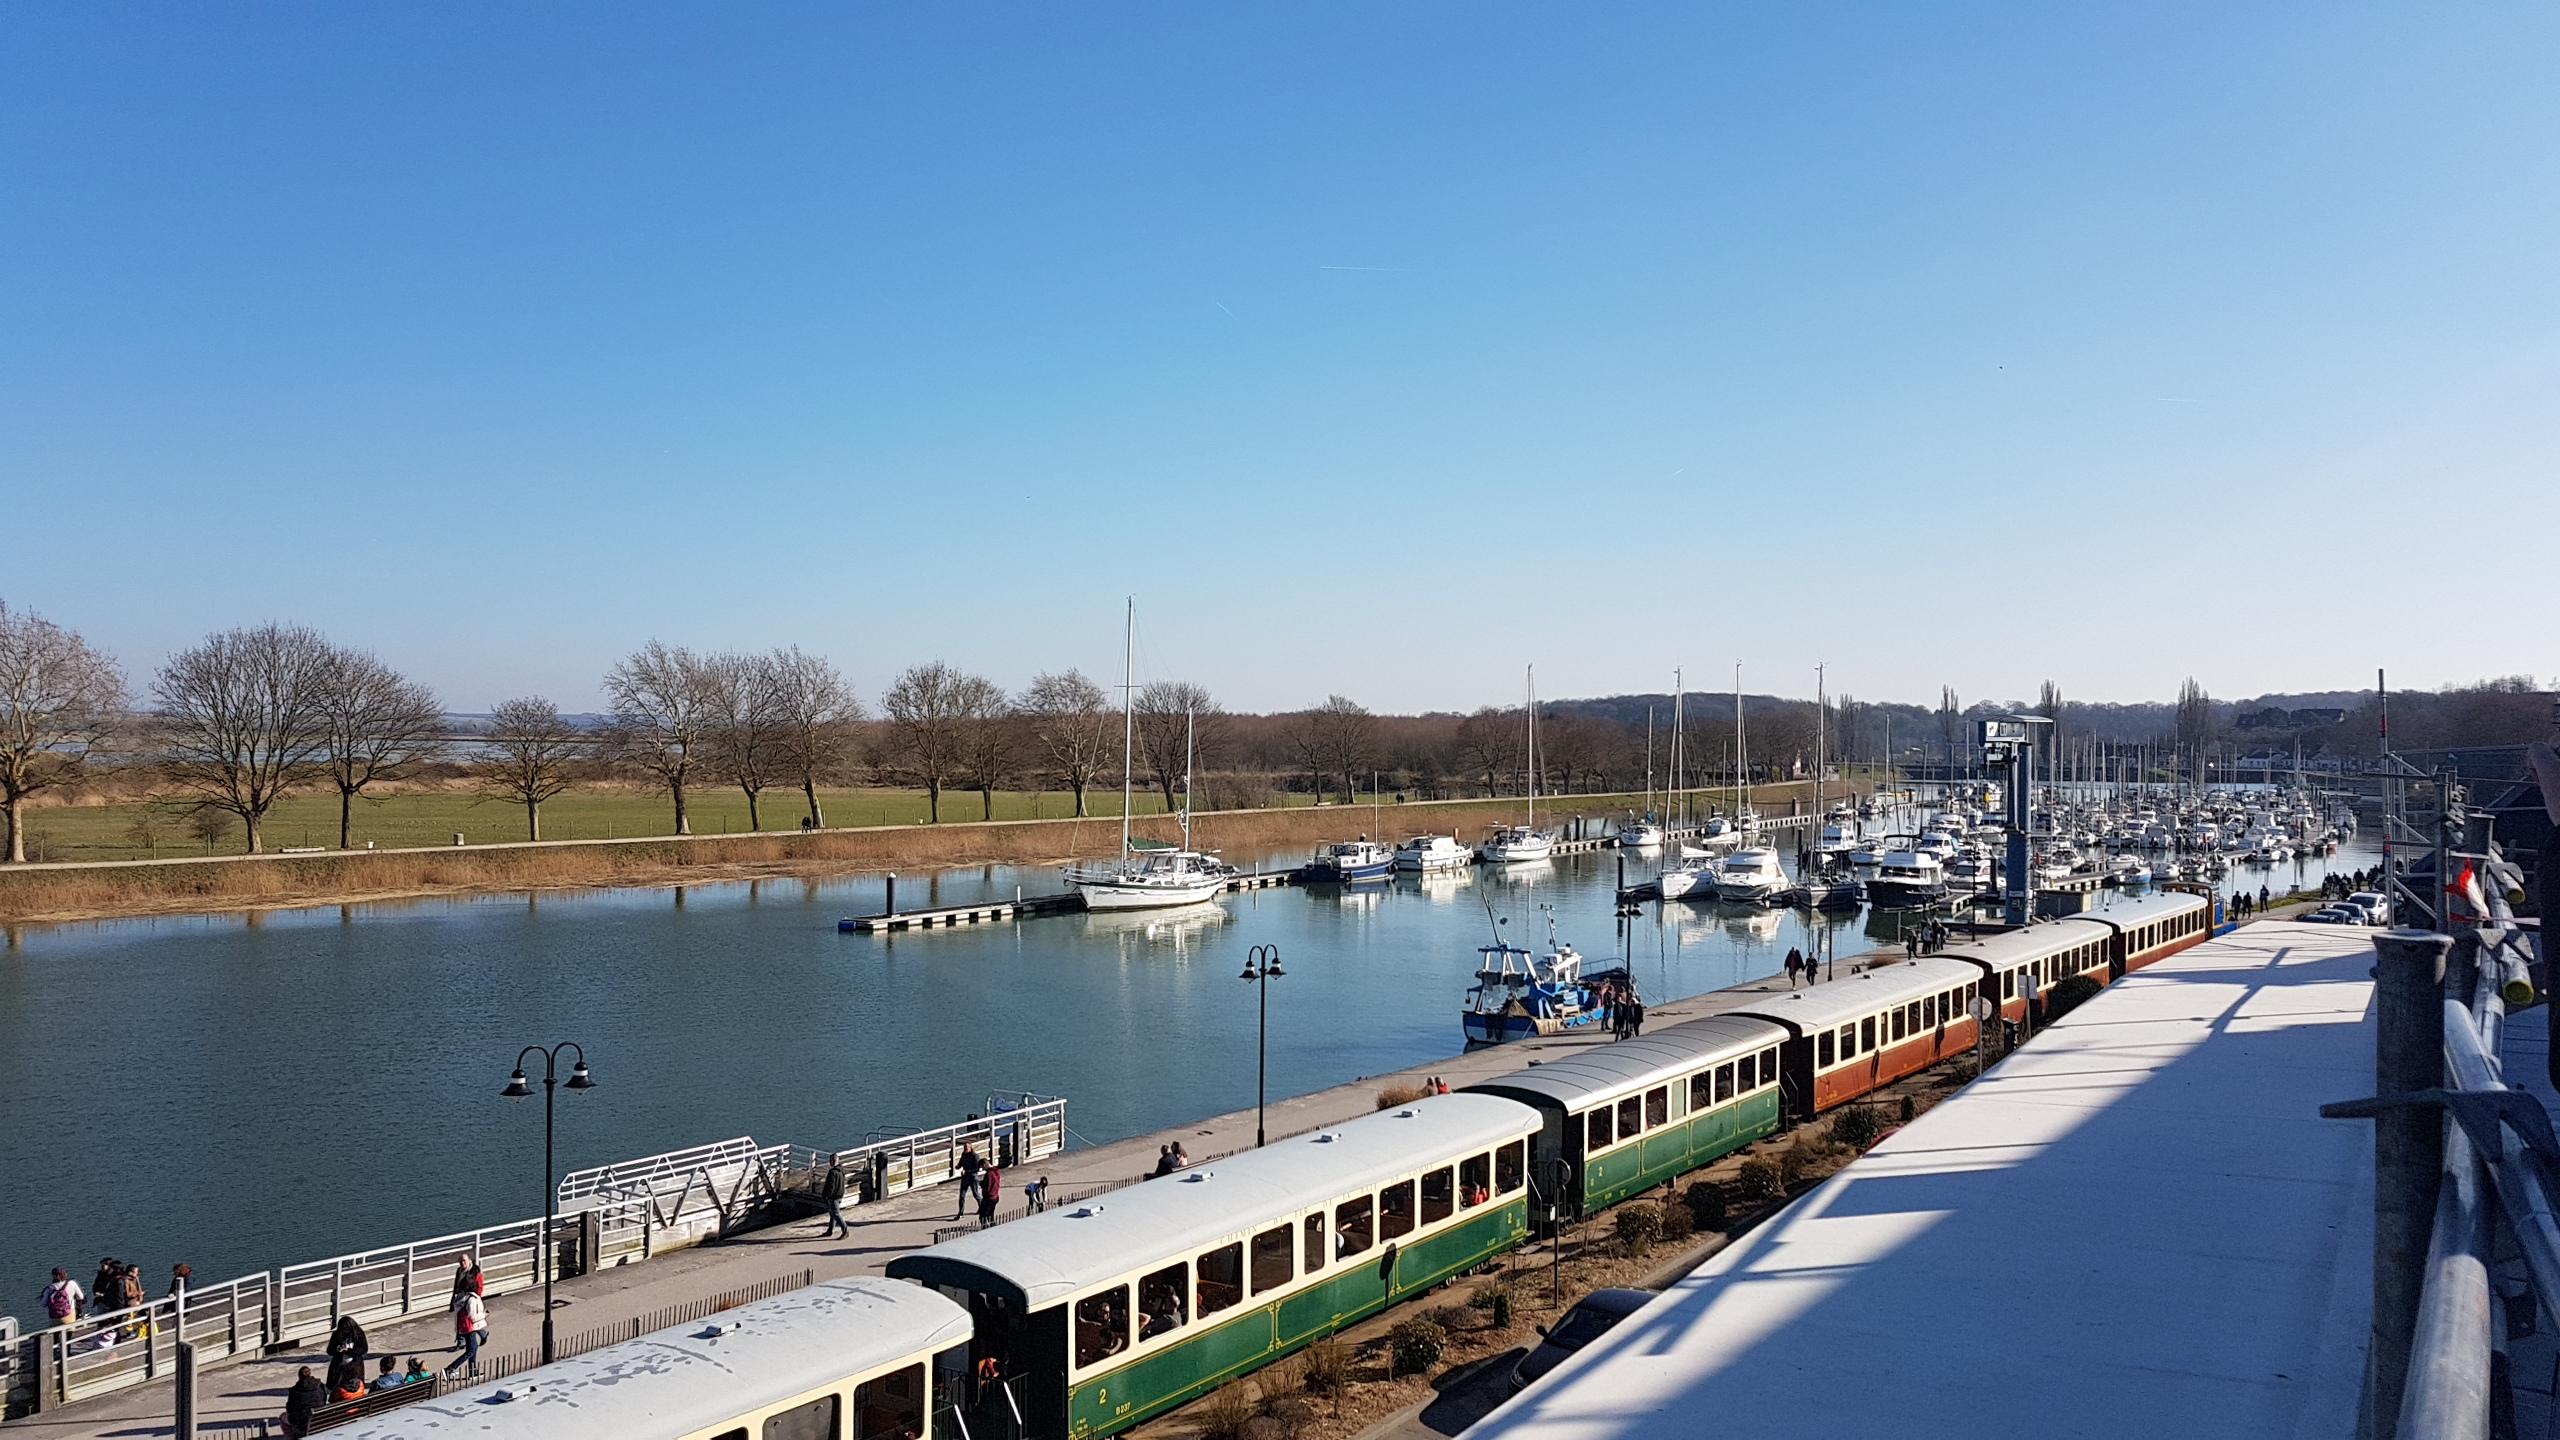 Le pti train de la Baie de Somme